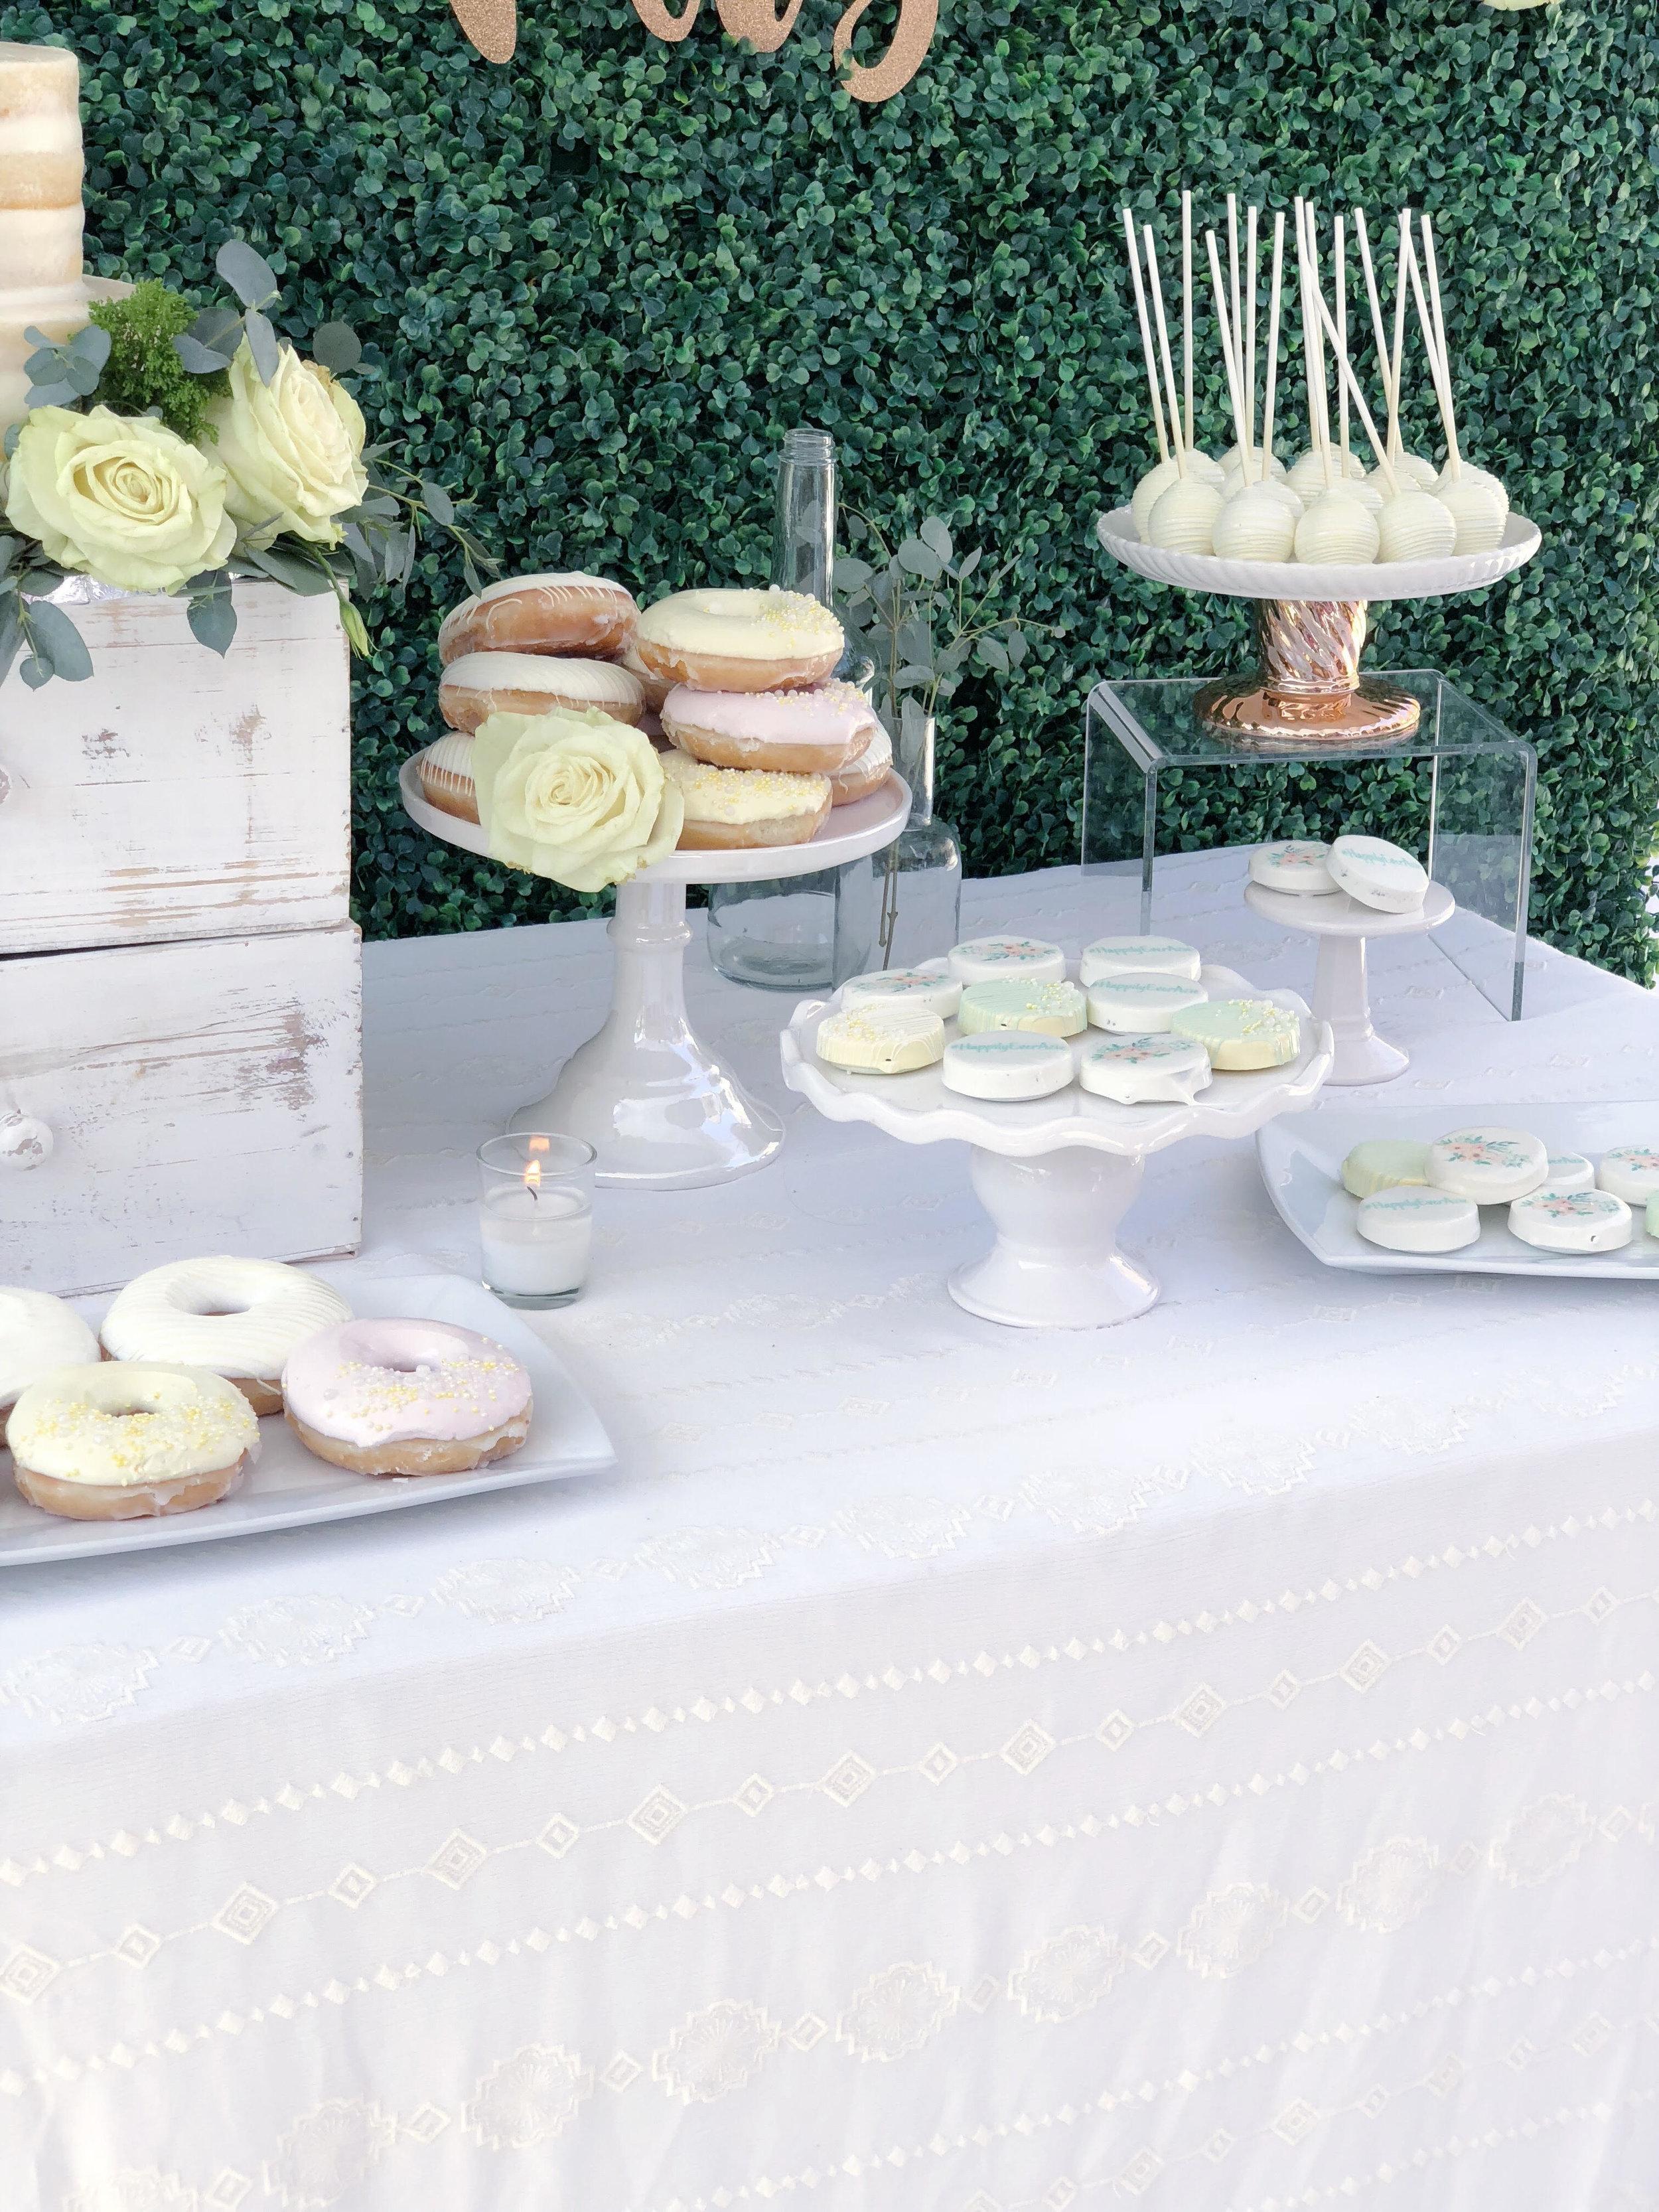 Bridal Shower dessert table-Garden shower-garden bridal shower-www.sugarpartiesla.com.jpg